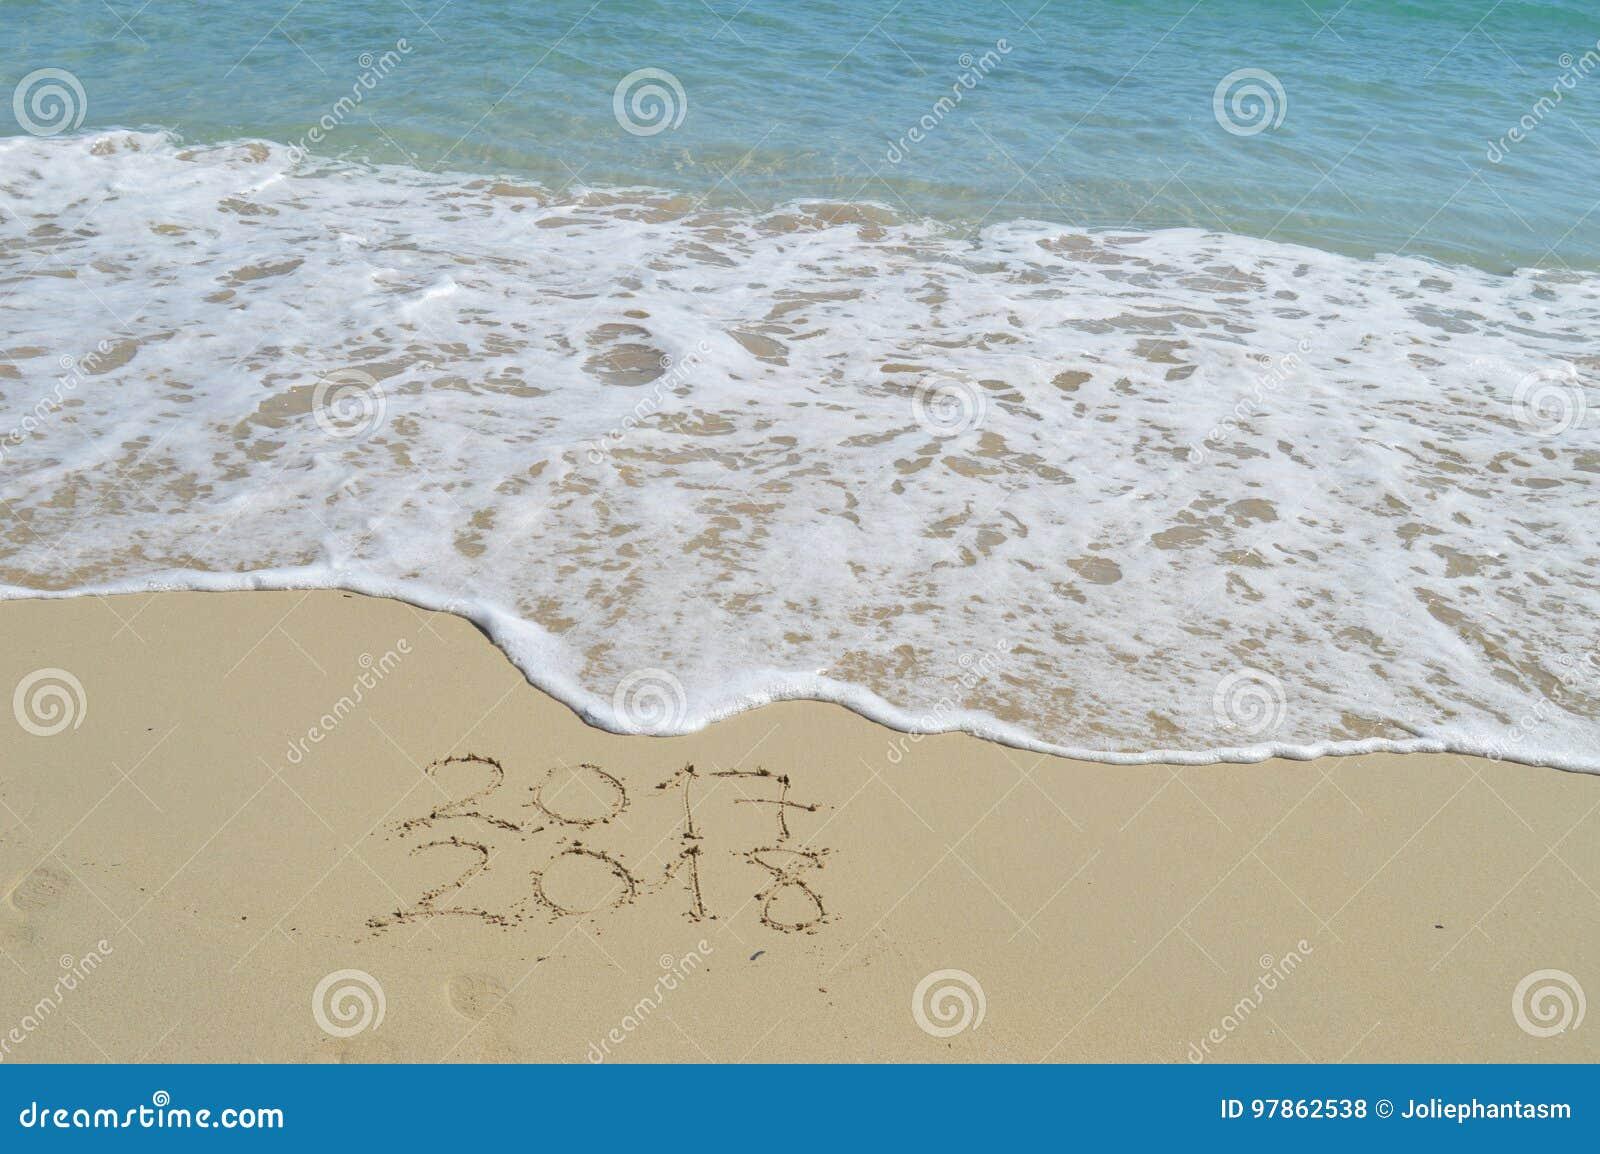 Buoni anni 2017 e 2018 scritti a mano sulla sabbia